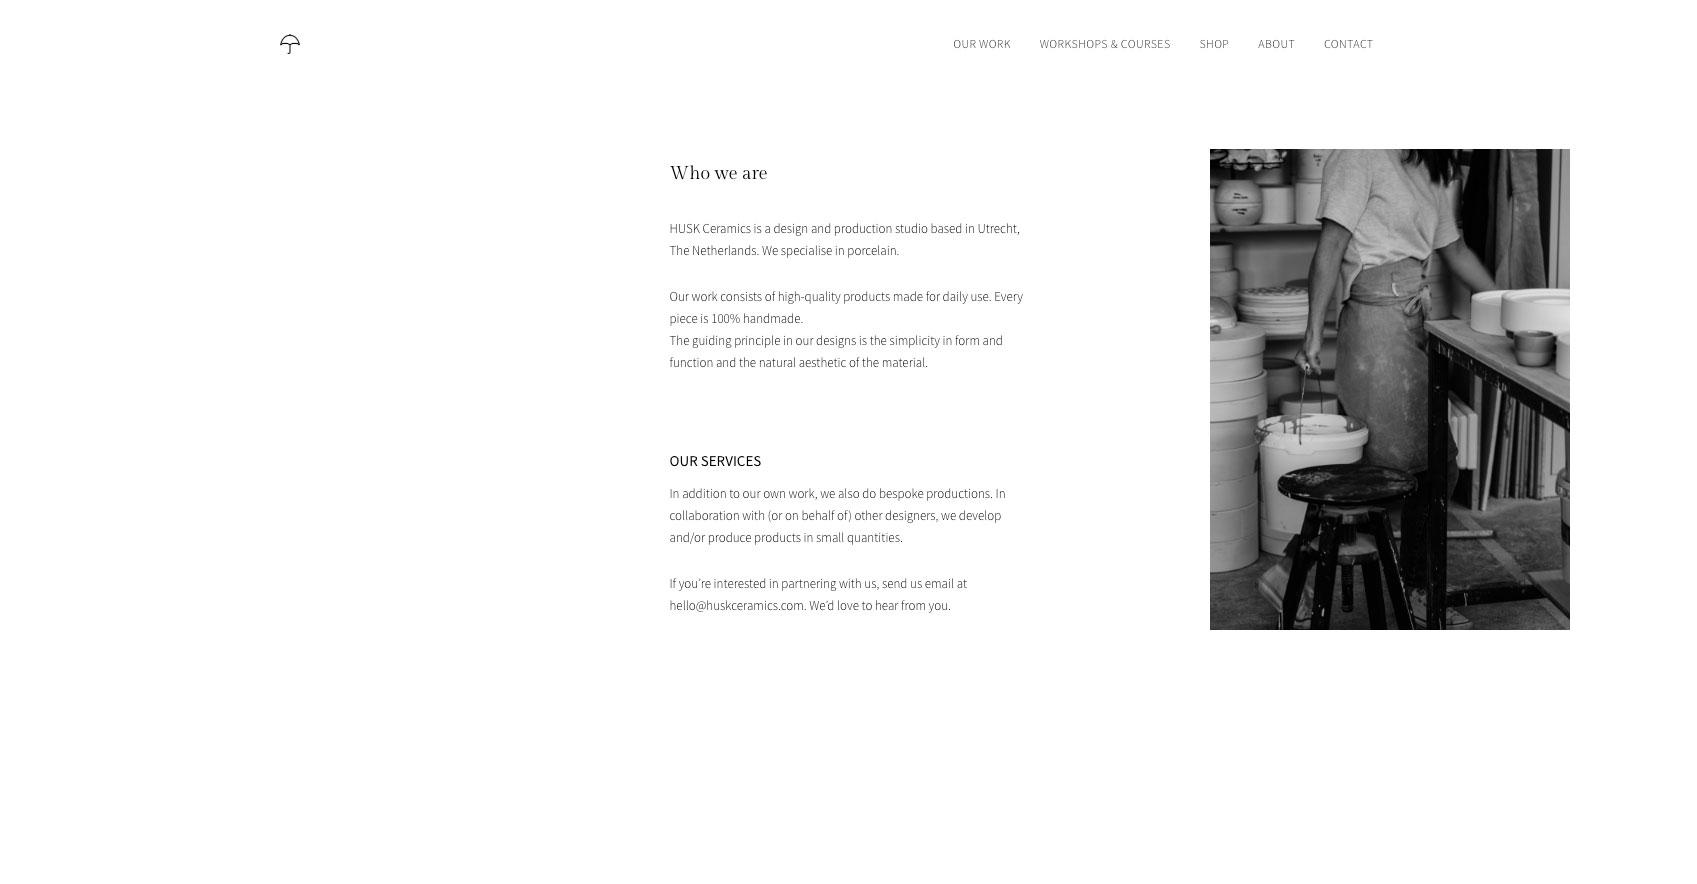 HUSK-Ceramics-project-Snugger-webshop-